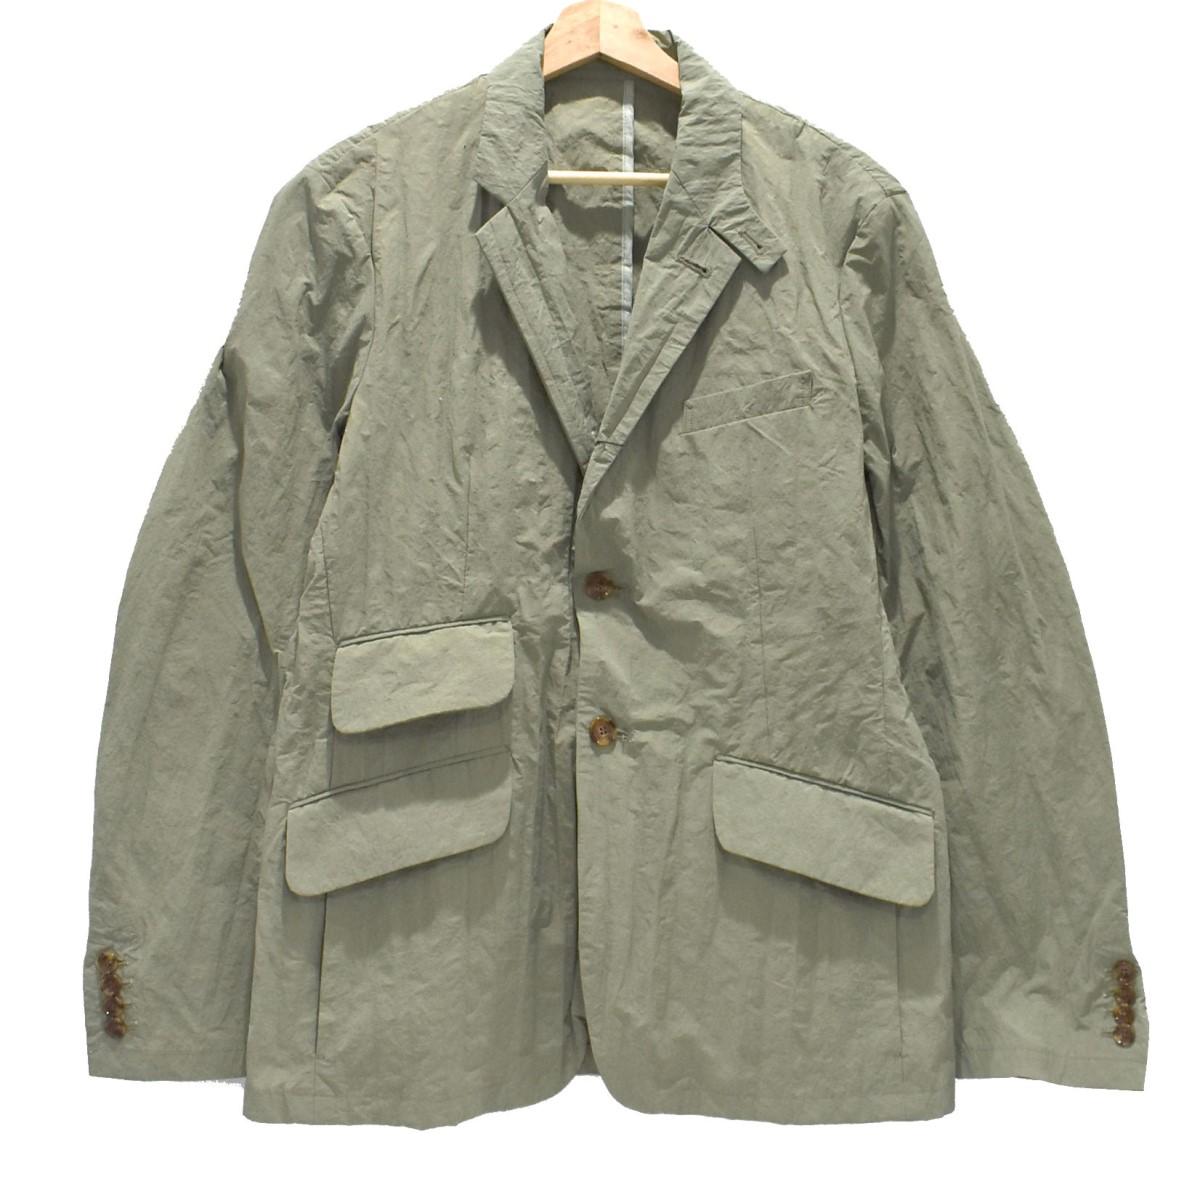 【中古】MINOTAUR Wrinkles Tailored Jacket  テーラードジャケット セージグリーン サイズ:L 【230620】(ミノトール)